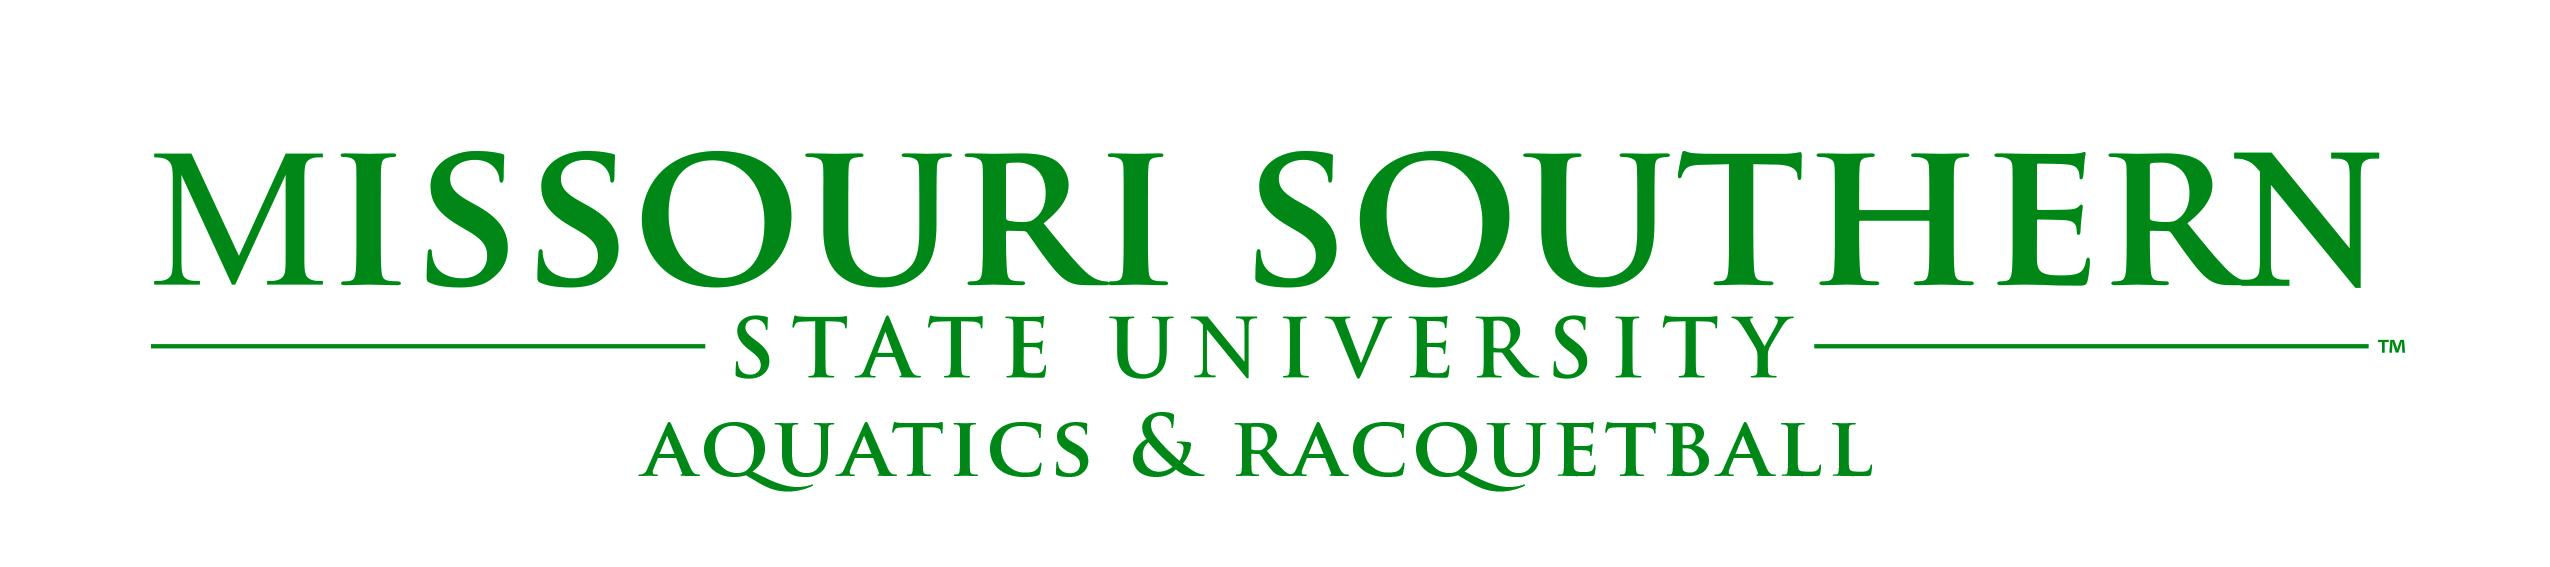 Aquatics & Racquetball Logo